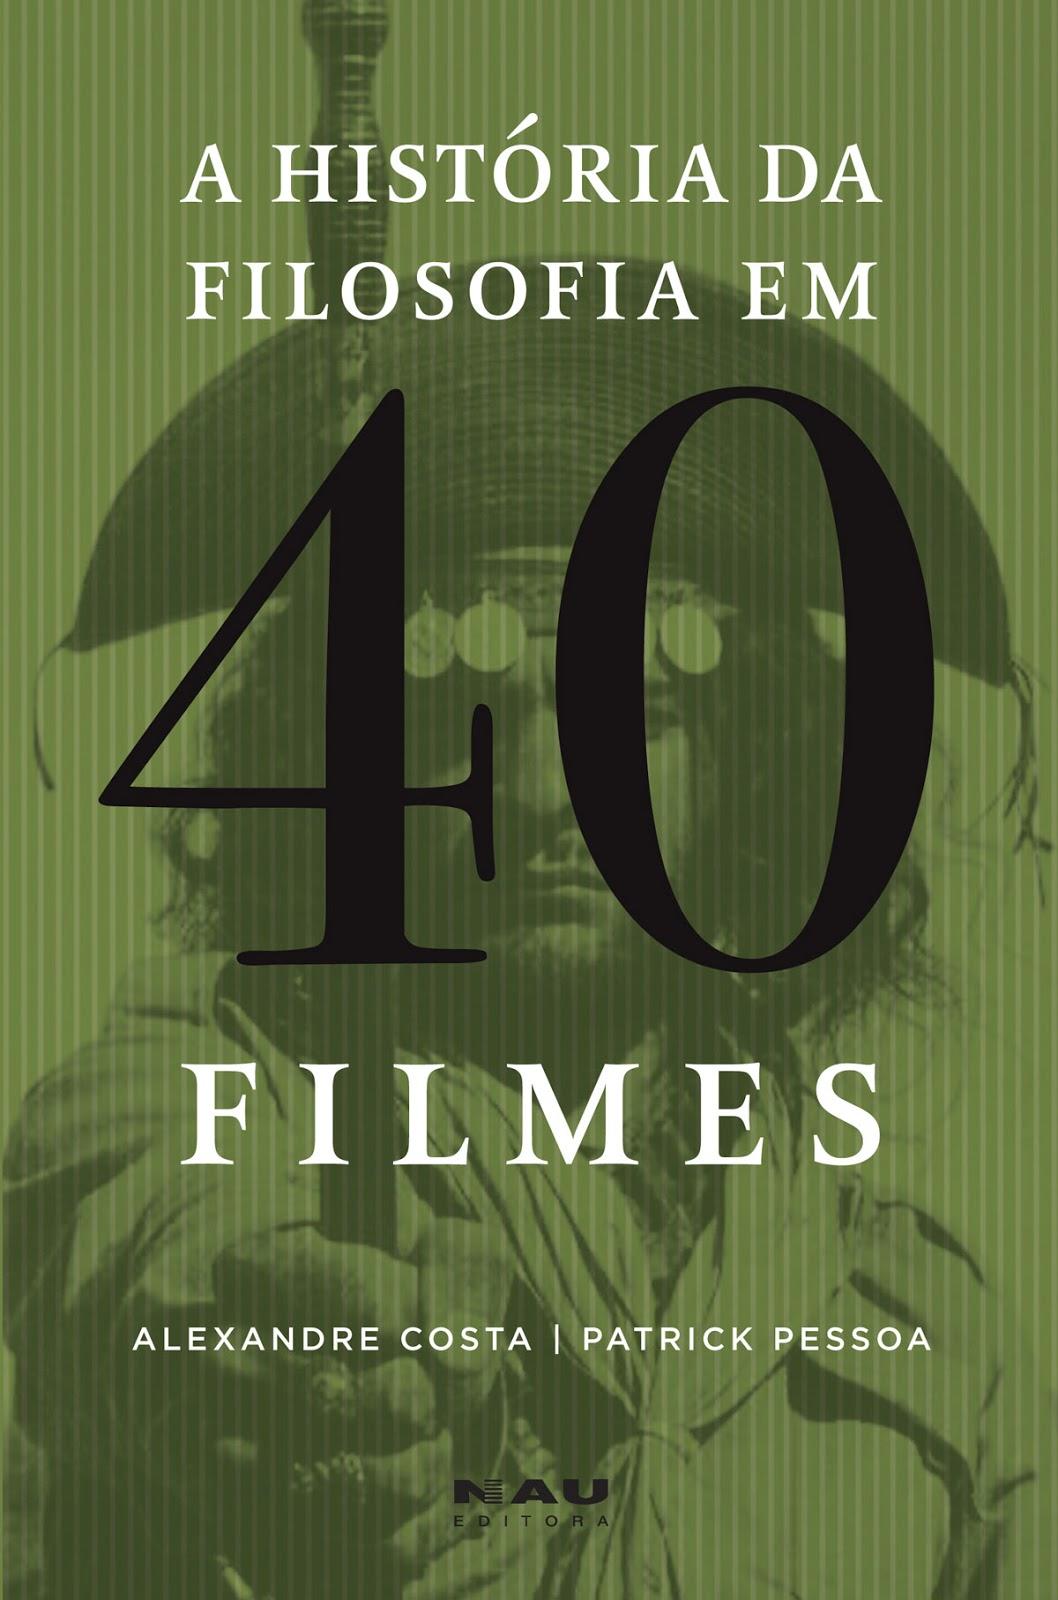 História fa Filosofia em 40 Filmes